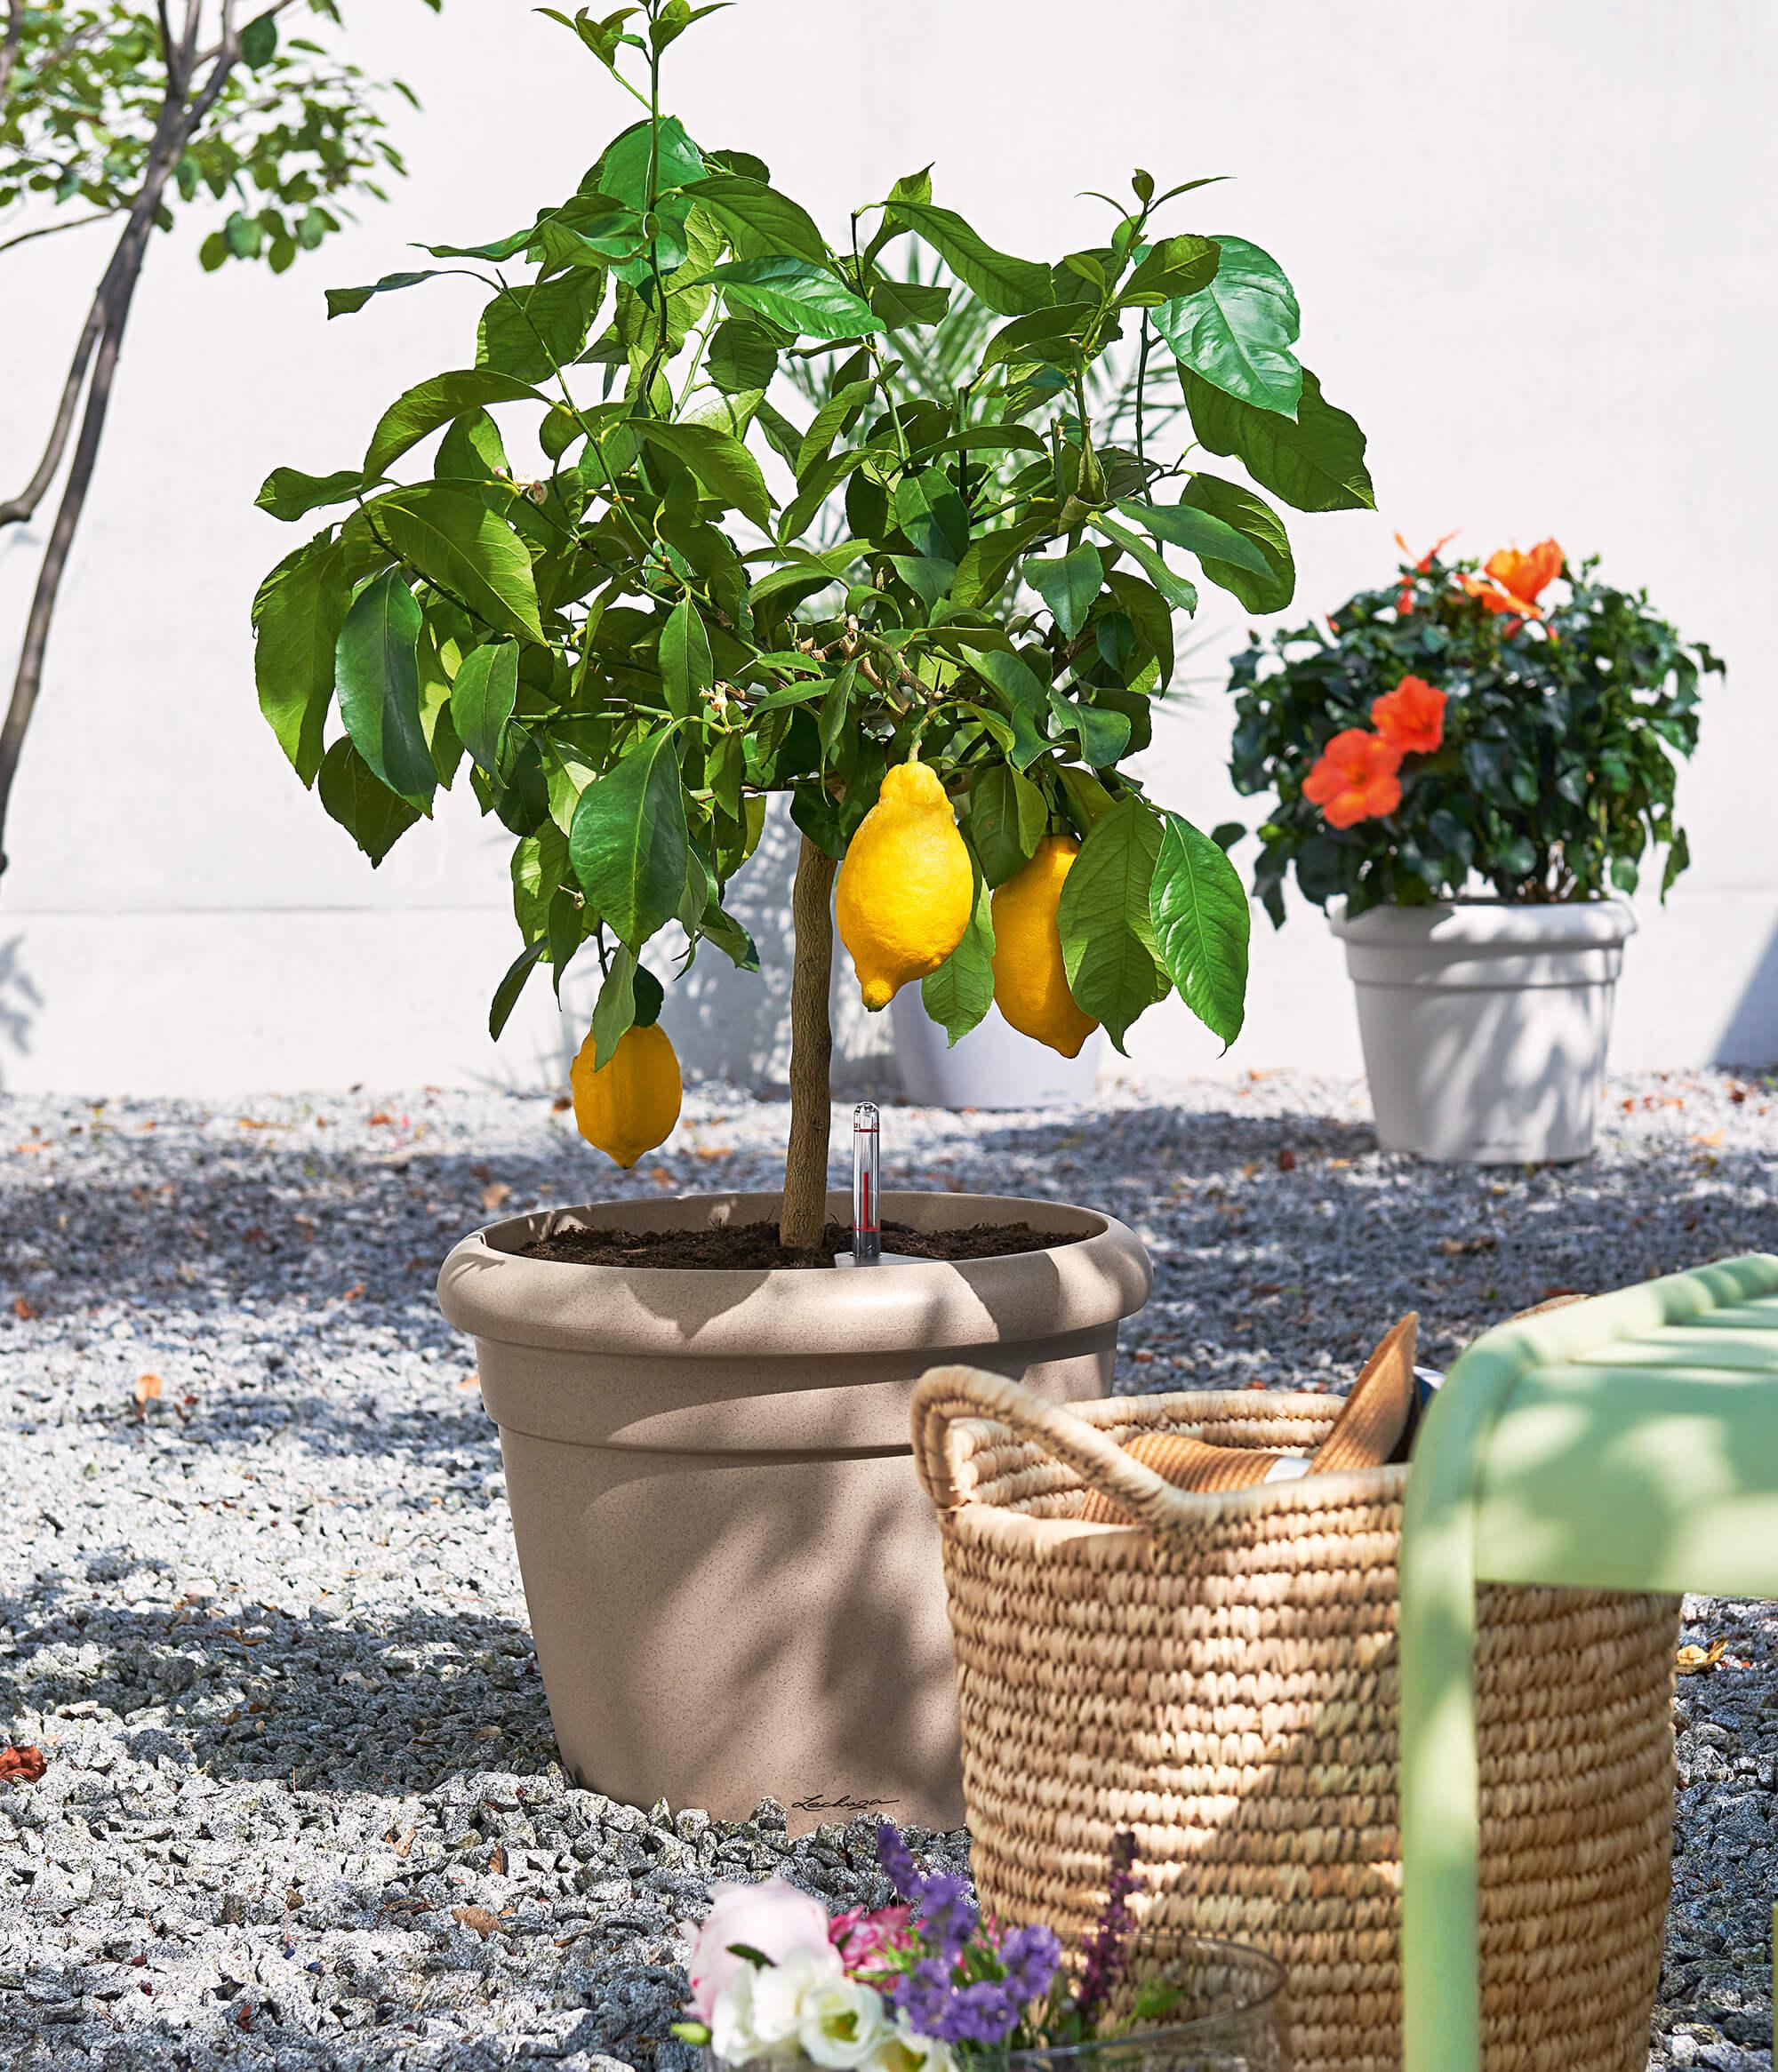 le_tw-urban-gardening_rustico35_sandb.png